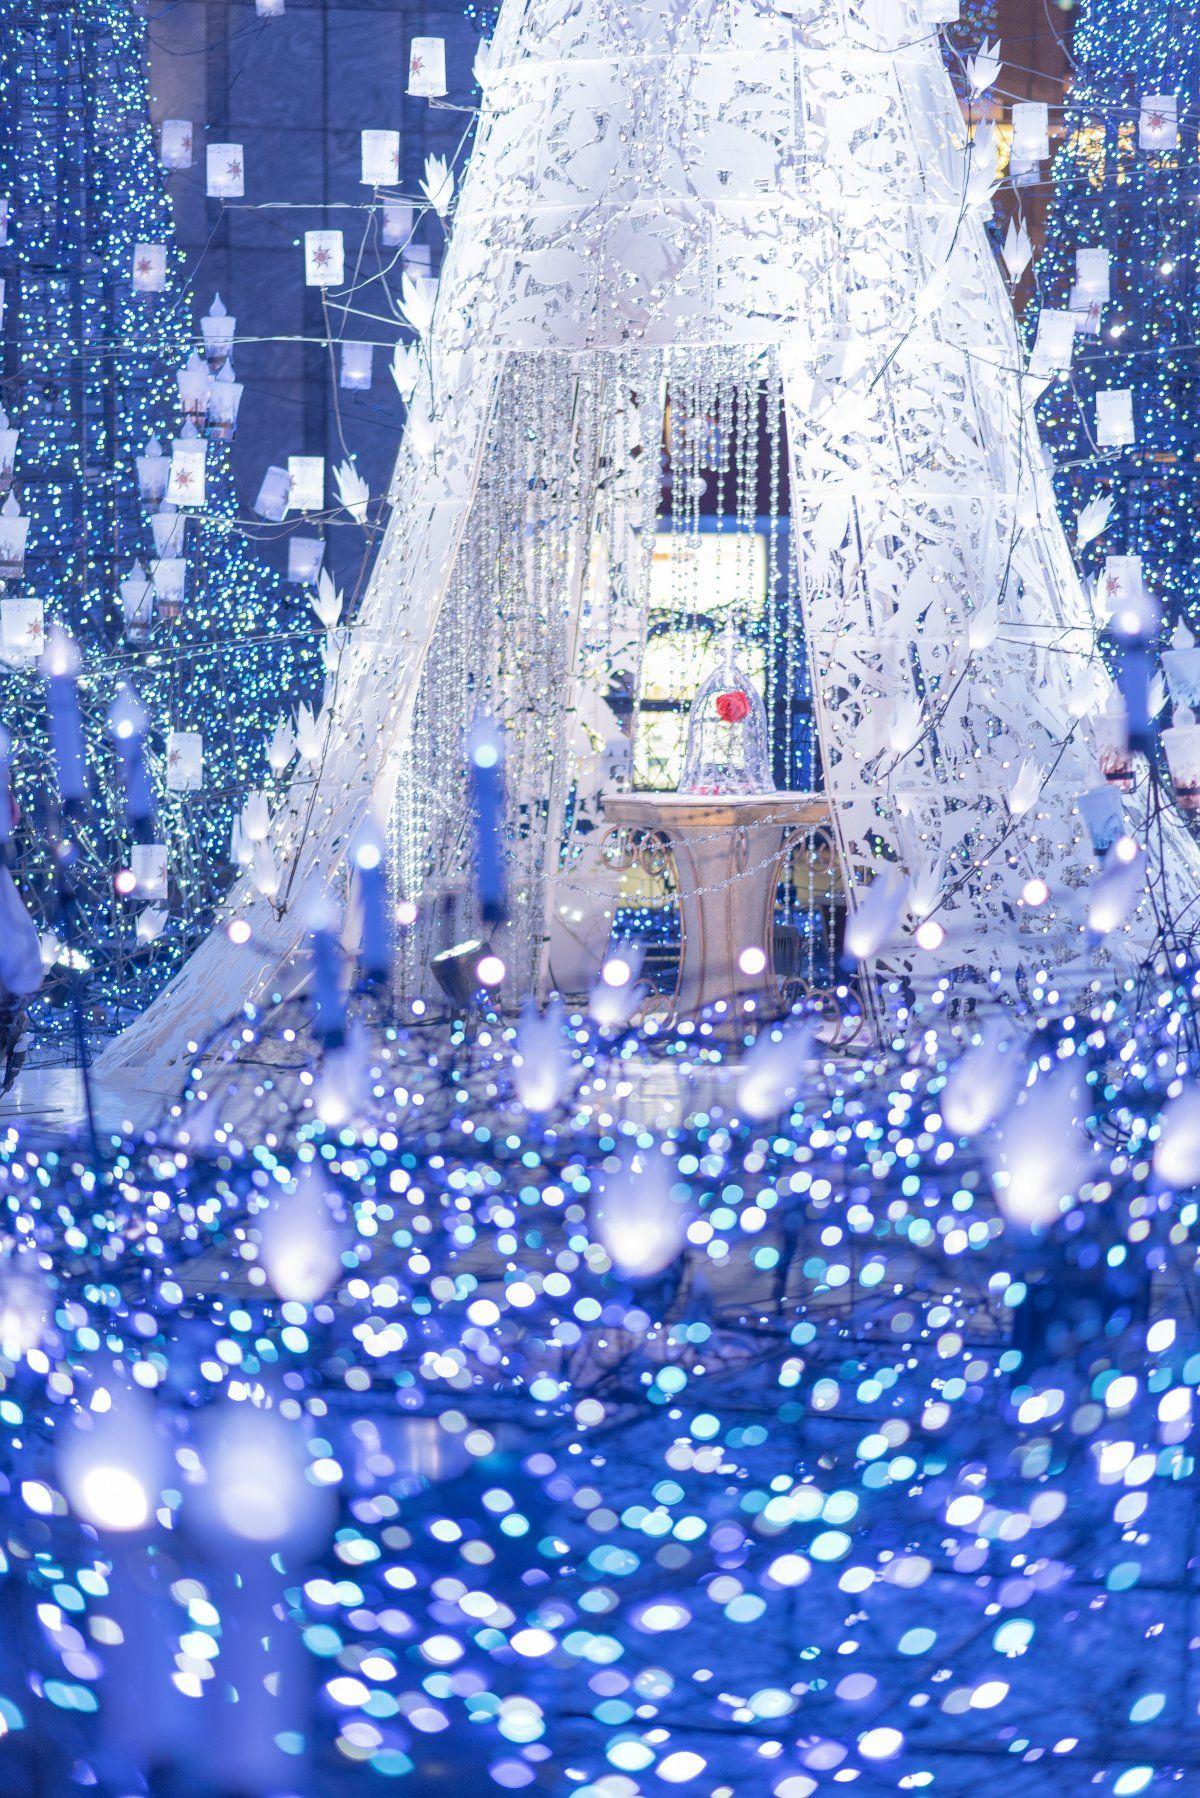 ディズニーの音楽とイルミネーション 冬の壁紙 クリスマスの壁紙